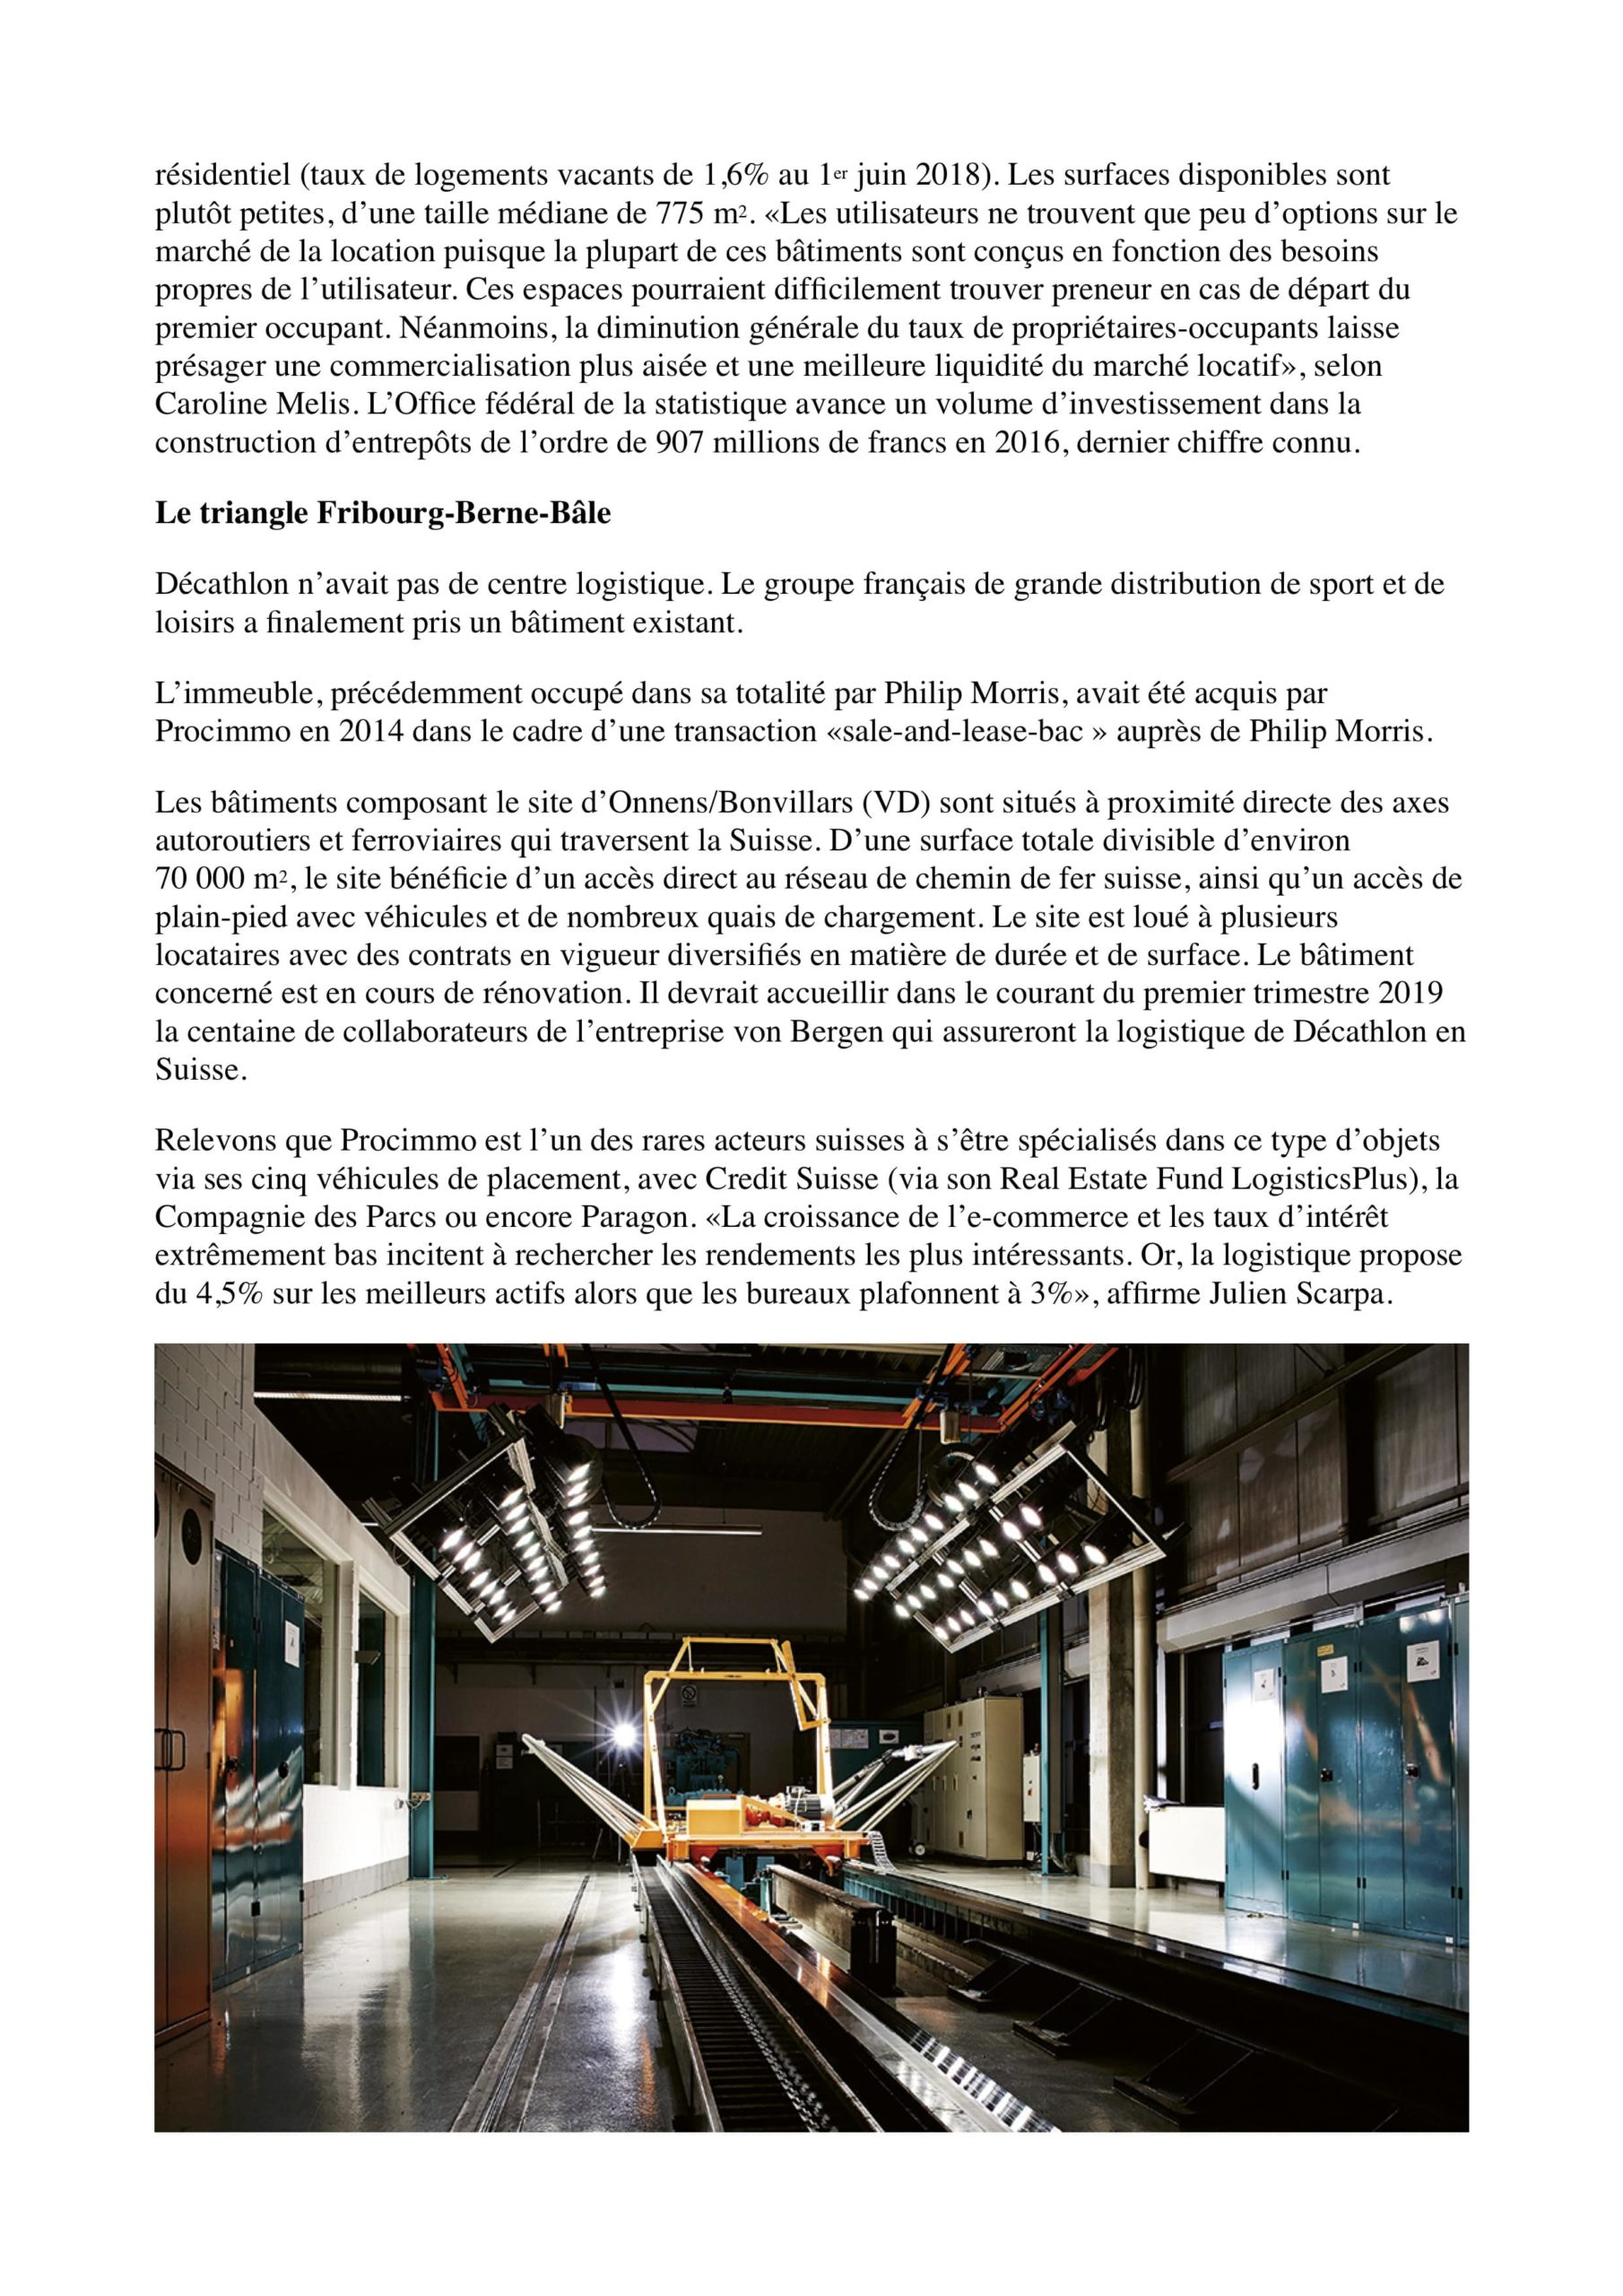 LVTiC-actualites-avril-2019-le-segment-logistique-a-le-vent-en-poupe-3